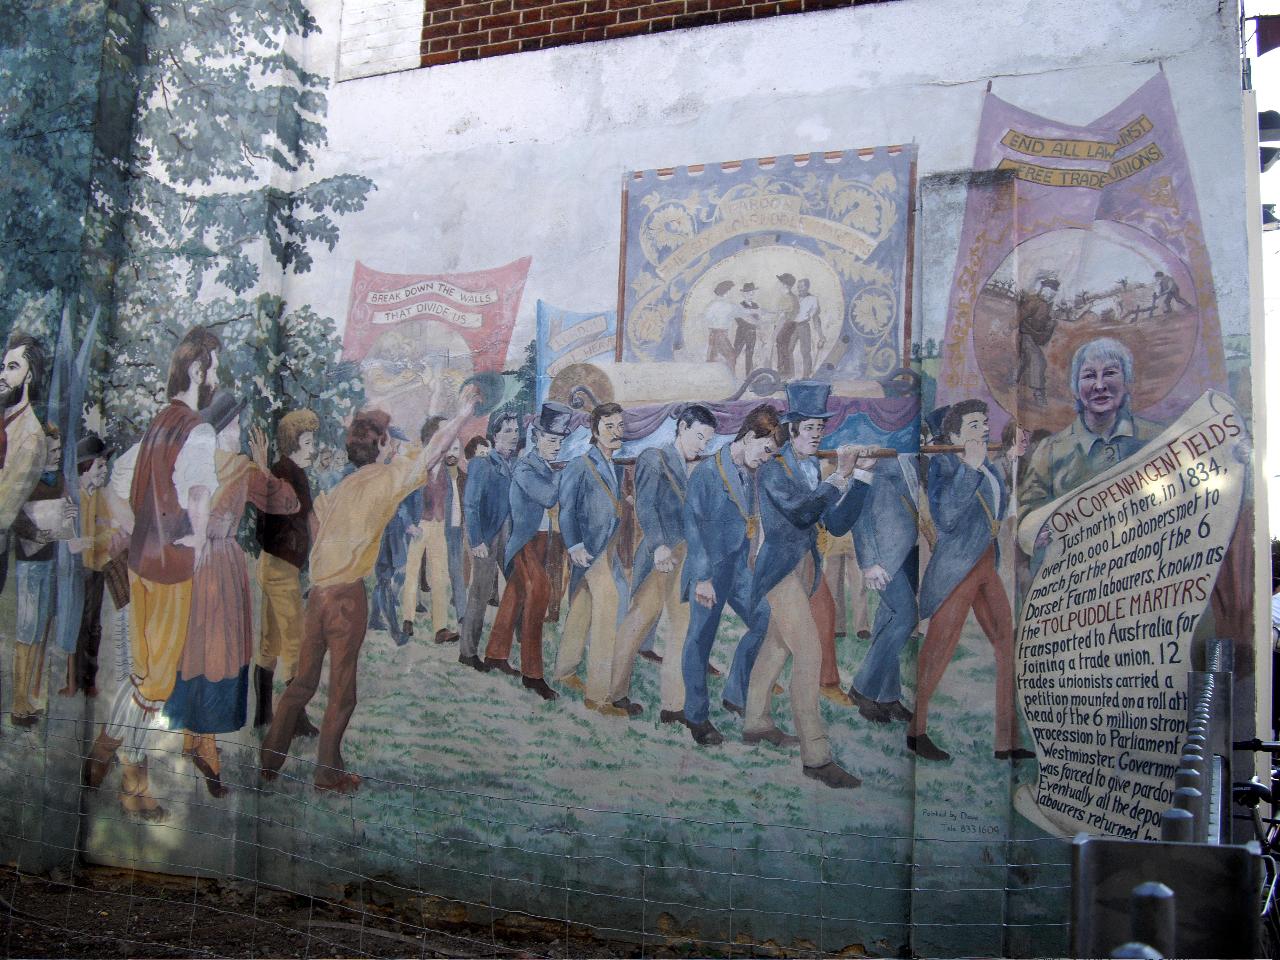 """Ein Wandbild in London. Zu sehen ist die große Solidaritätsdemonstration für die """"Tolpuddle-Märtyrer"""" 1834 (Quelle: http://tolpuddlekx.wordpress.com)"""